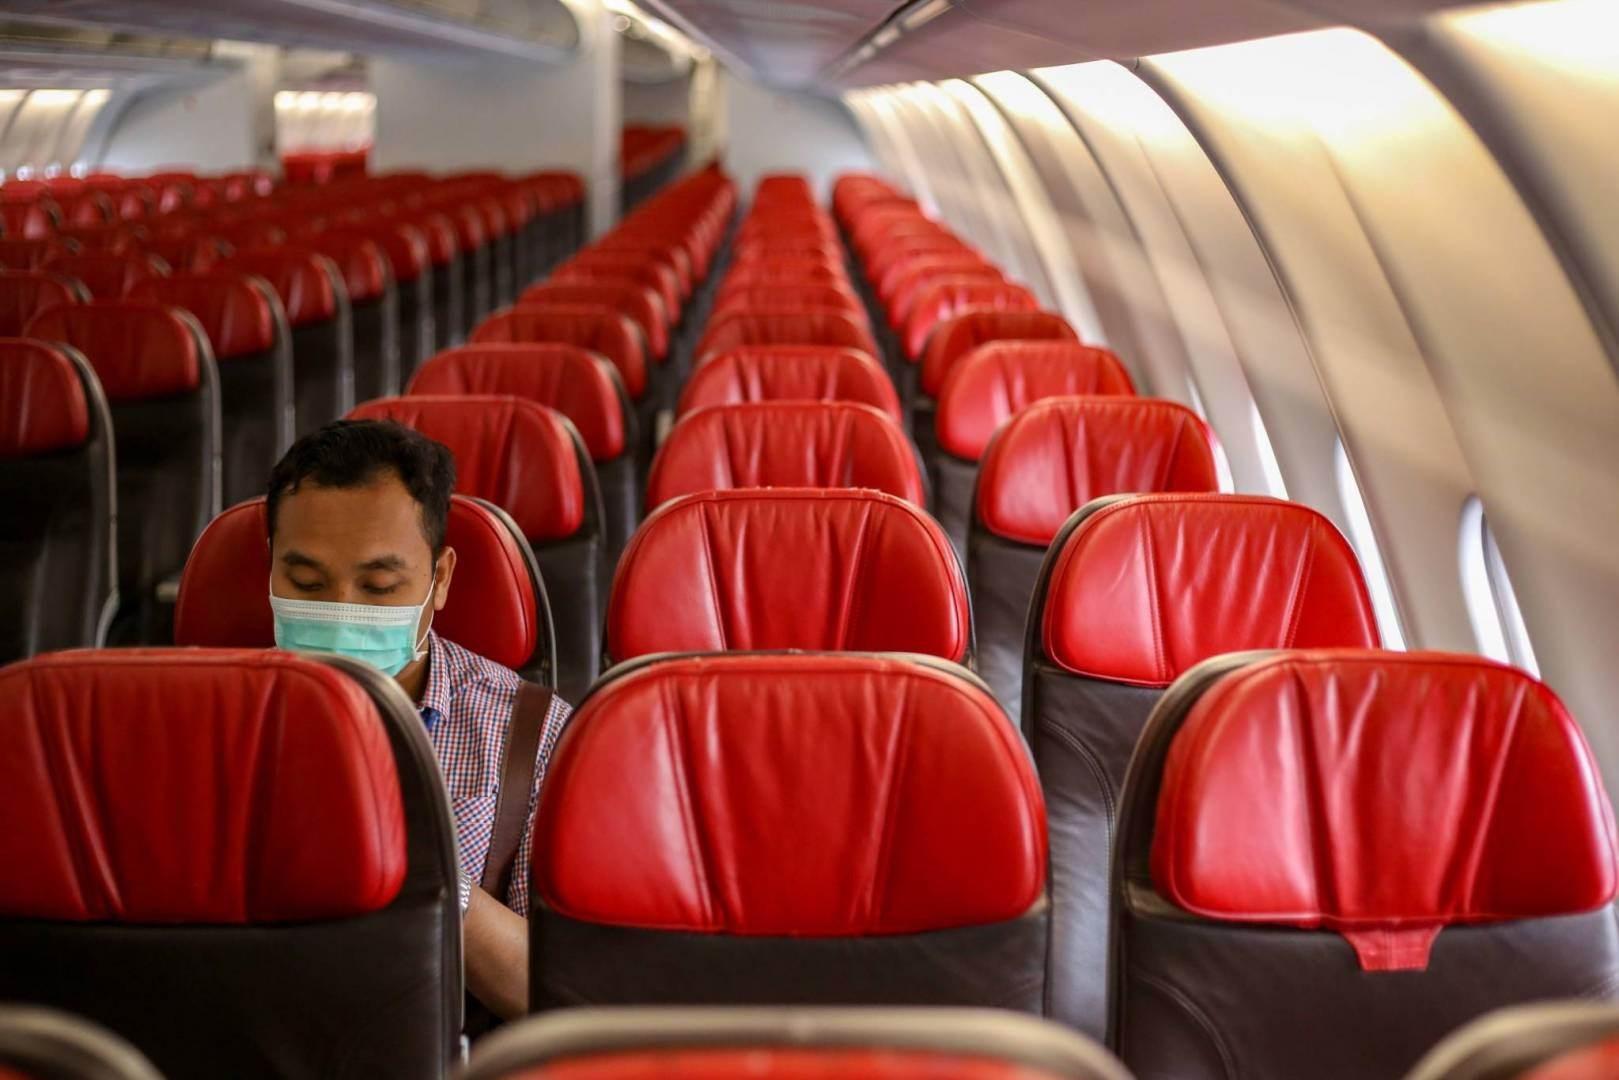 النقل الجوي هو الأكثر تضرراً جراء أزمة كورونا مع انخفاض معدلات الرحلات حول العالم